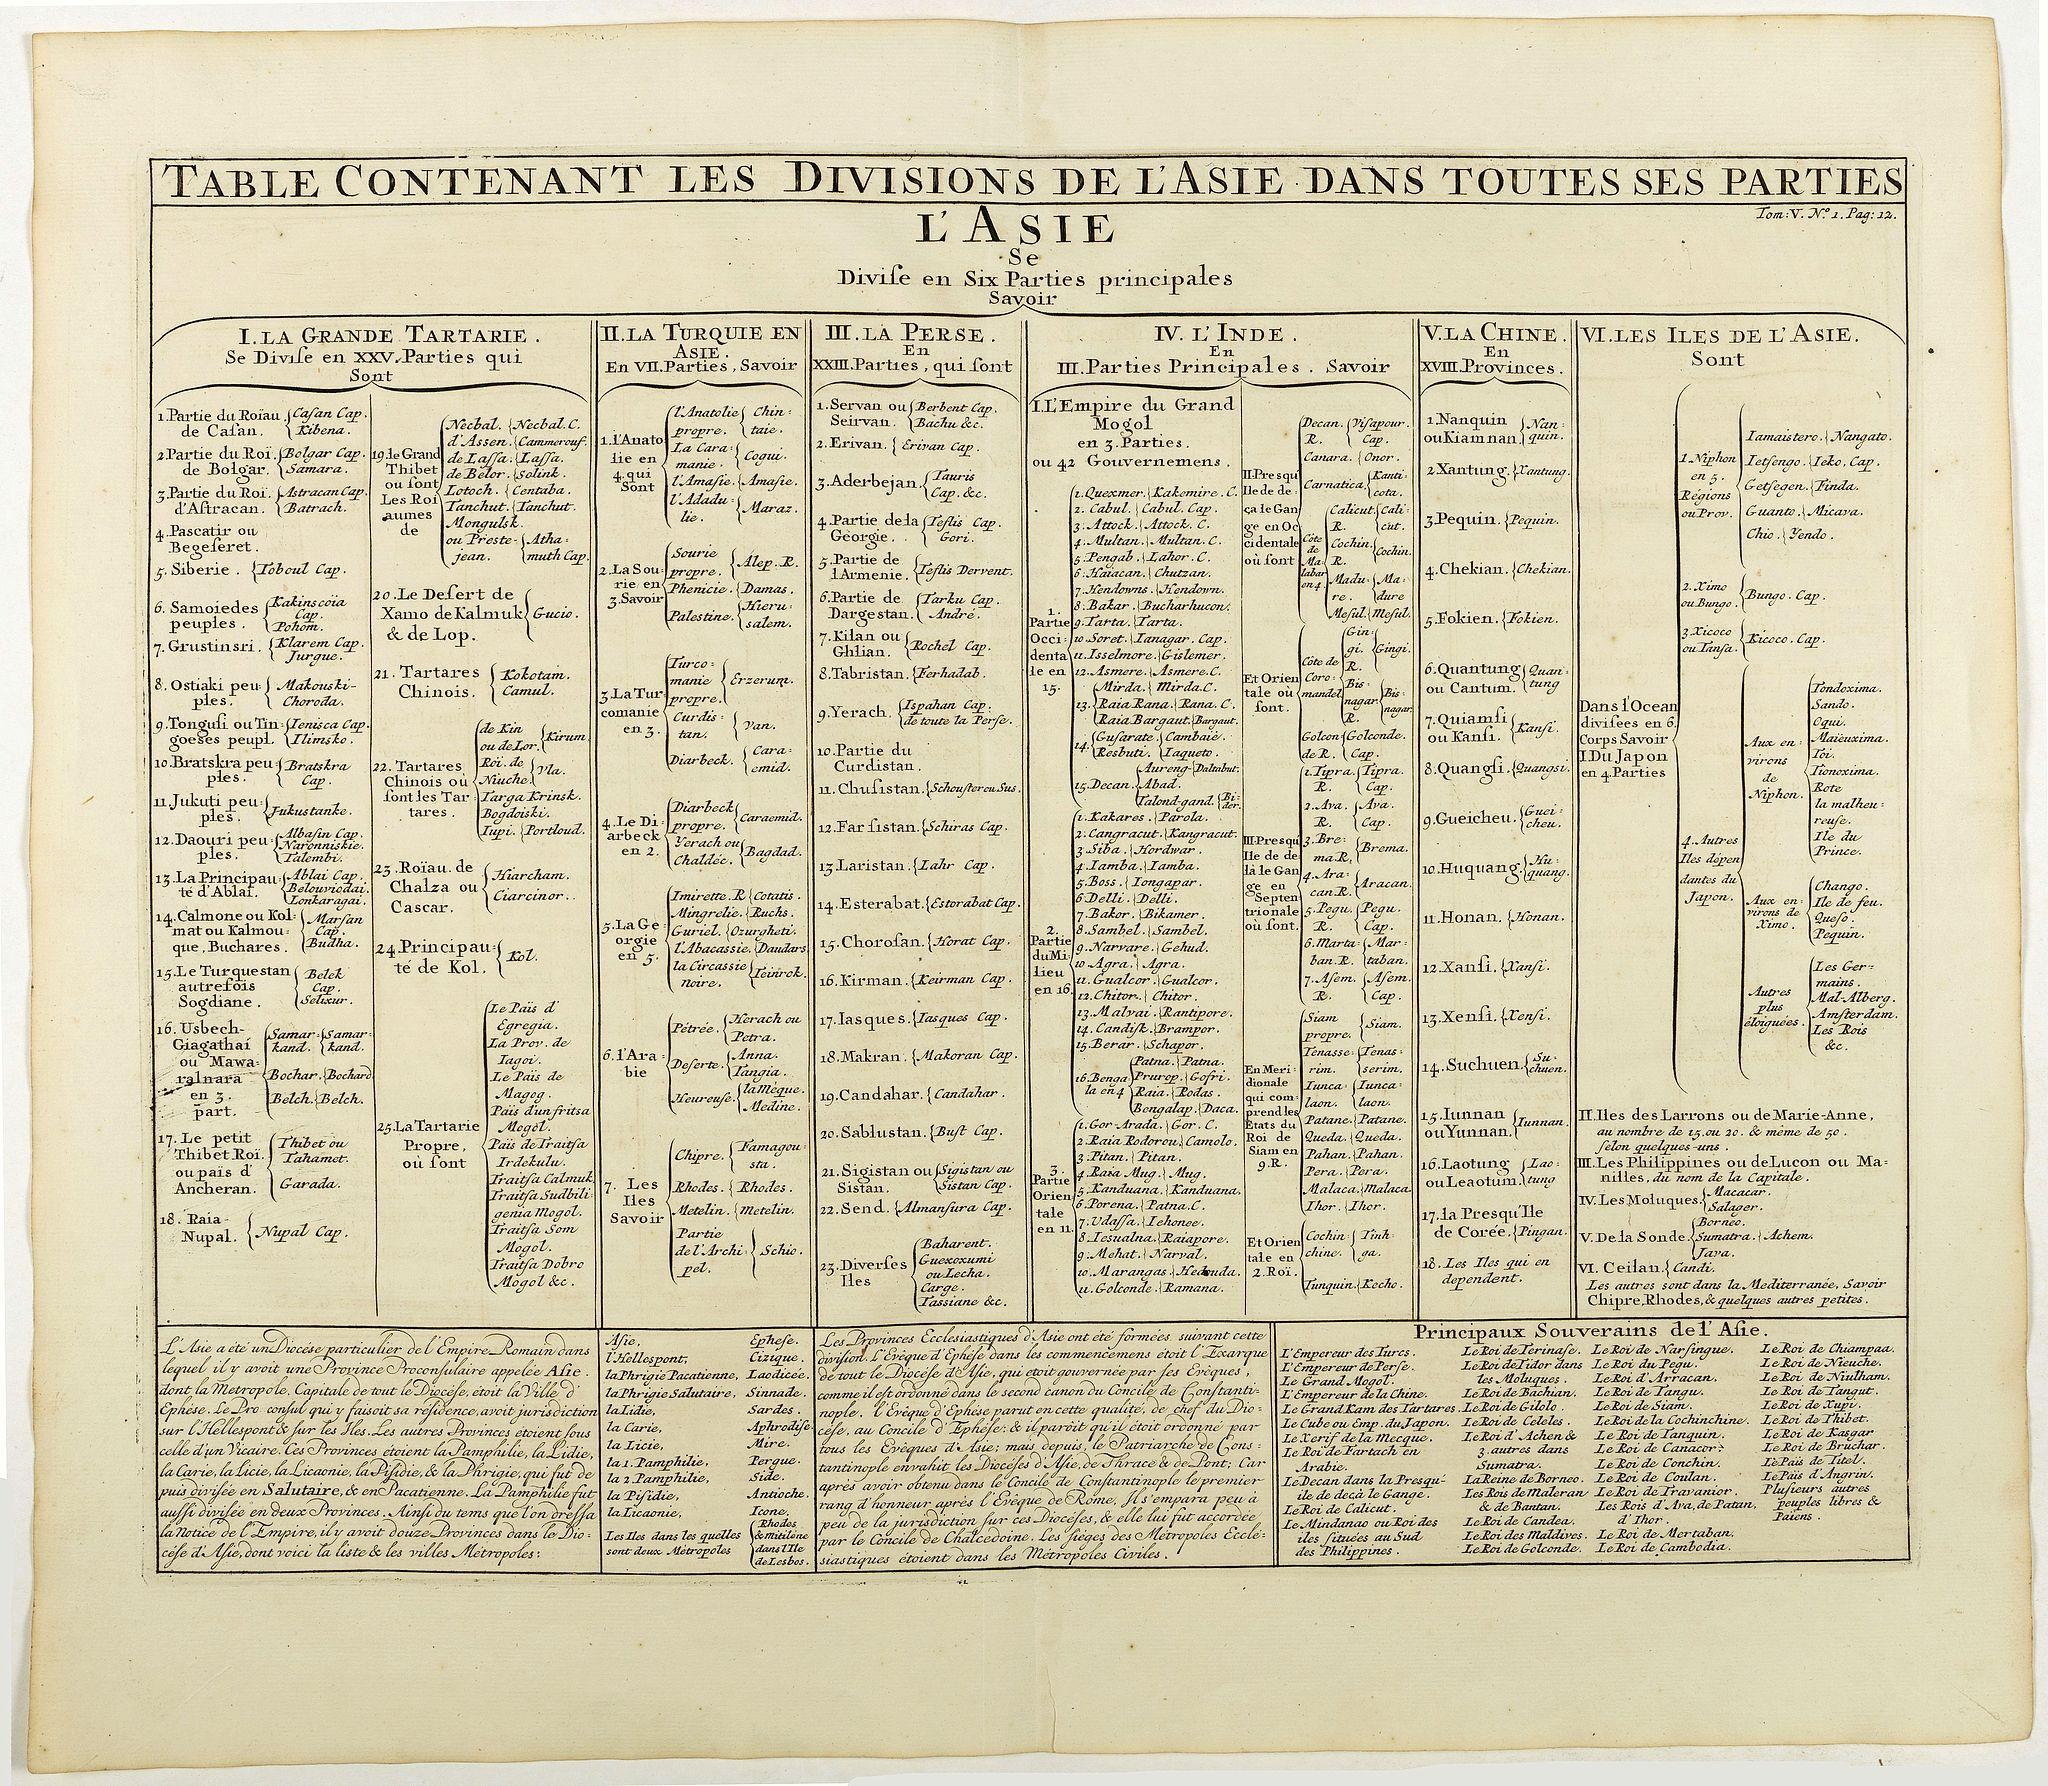 CHATELAIN, H. -  Table contenant les divisions de l'Asie dans toutes ses parties.